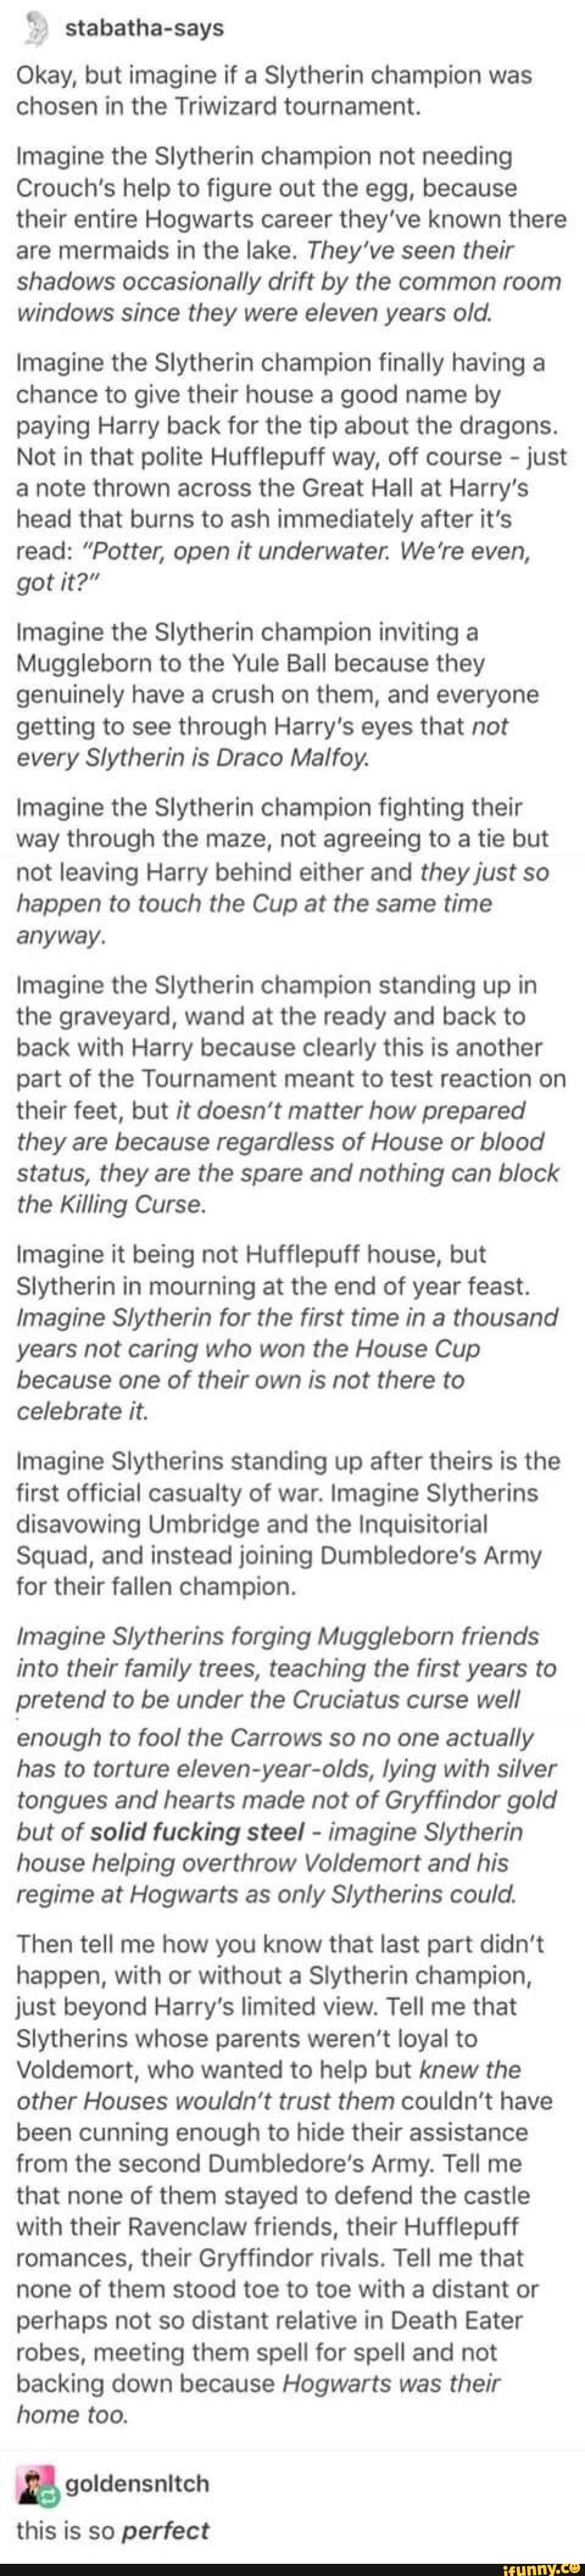 É-ª stabatha-says Okay, but imagine if a Slytherin champion